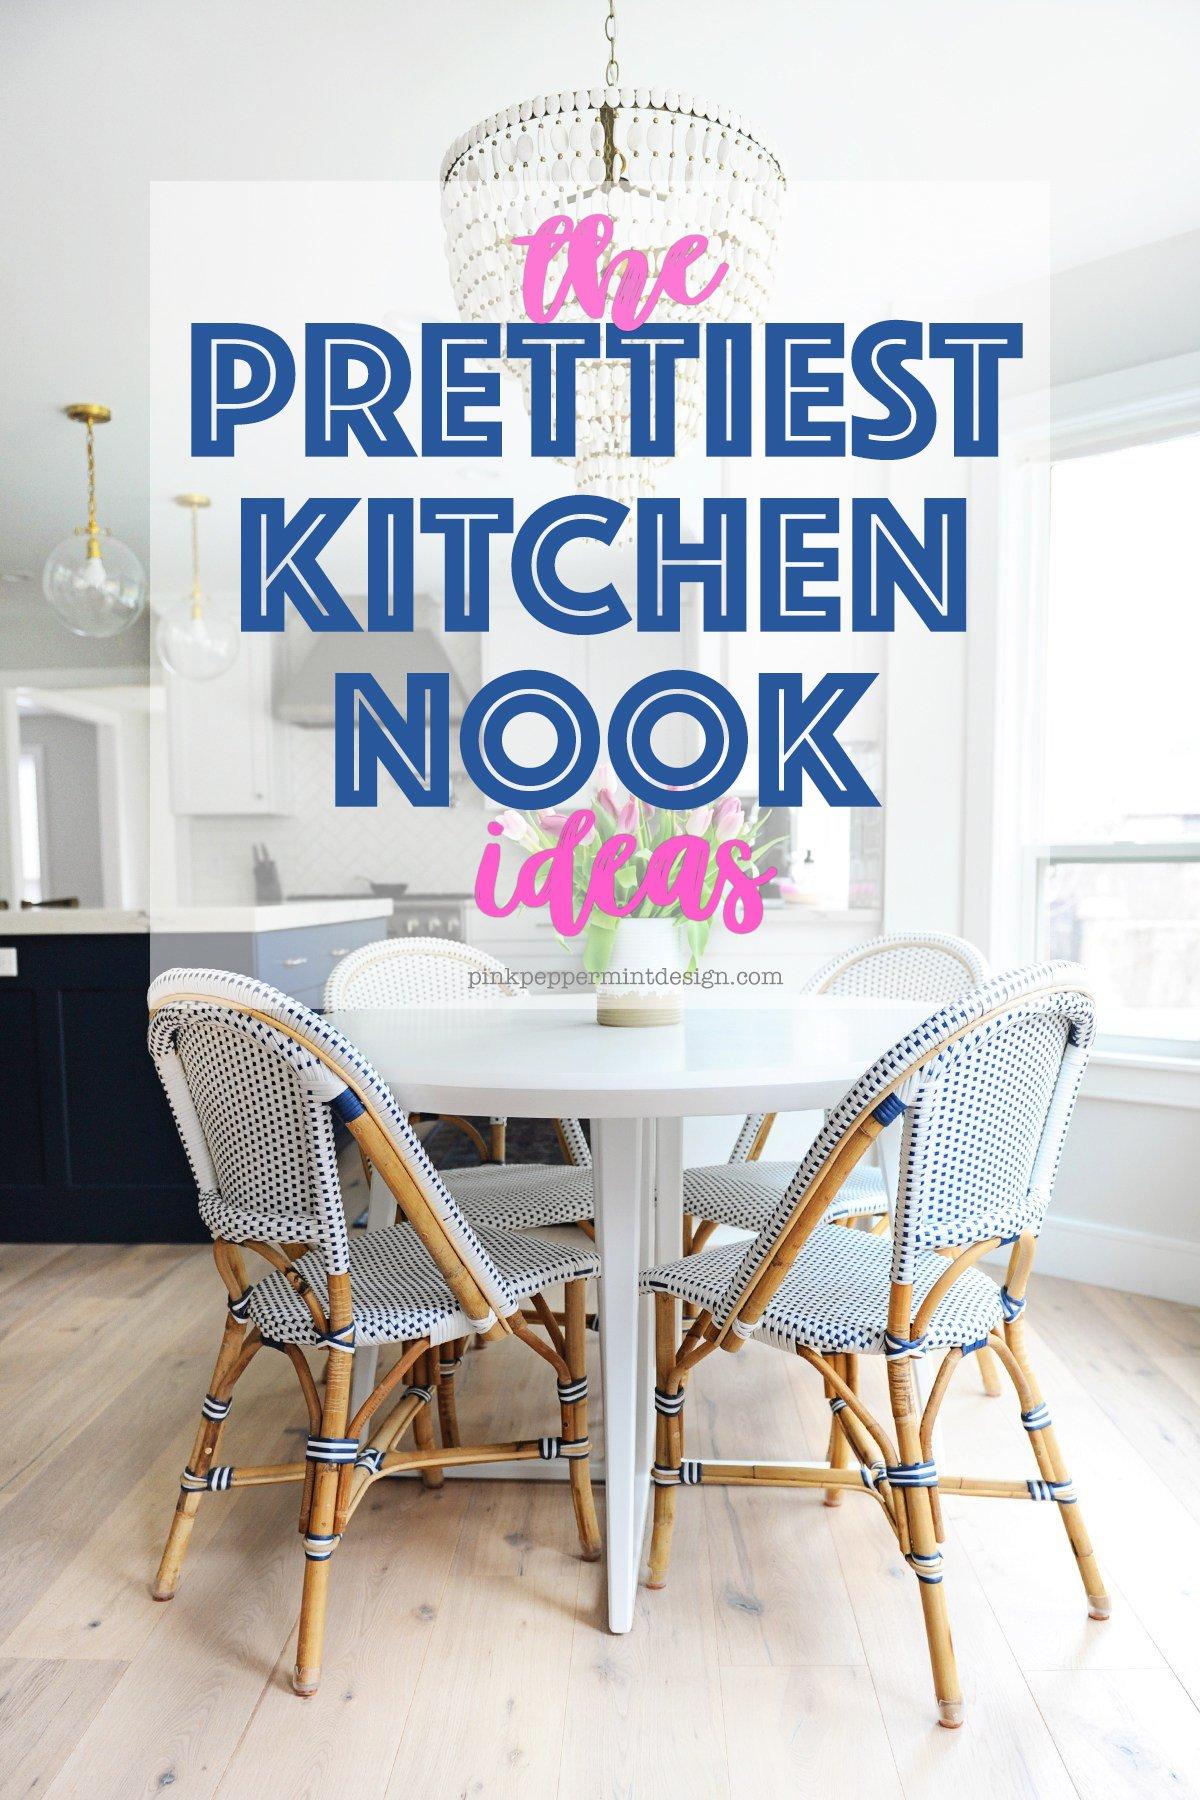 10 of the Prettiest Breakfast Nook Ideas - Pink Peppermint ...